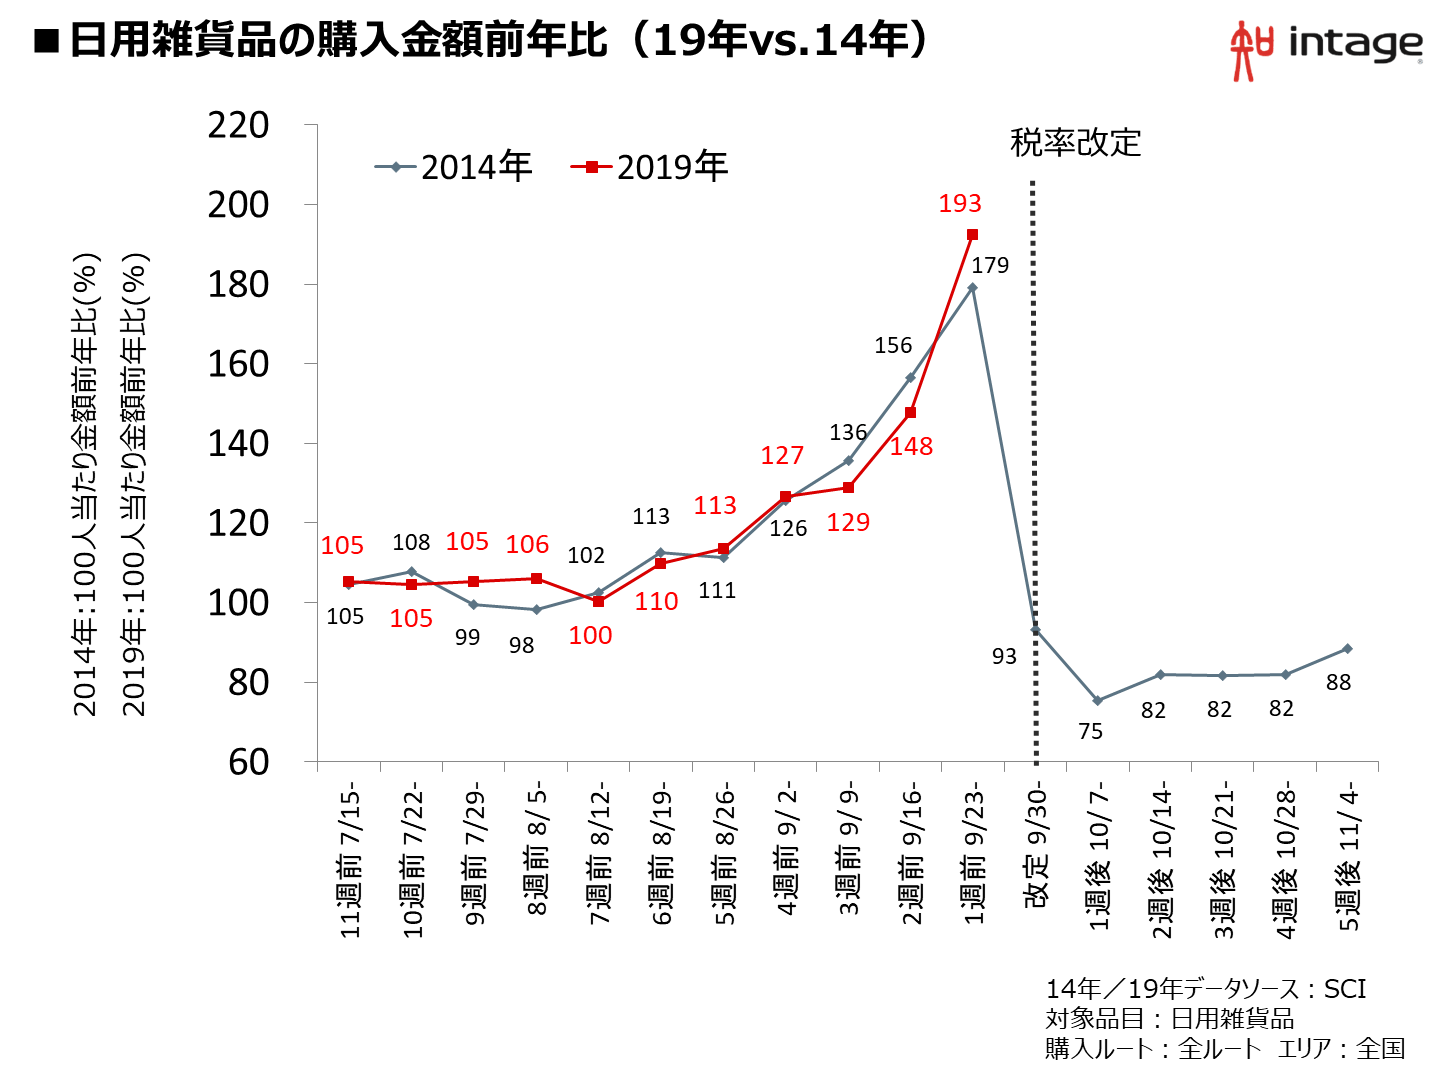 日用雑貨品の購入金額前年比(19年vs.14年)